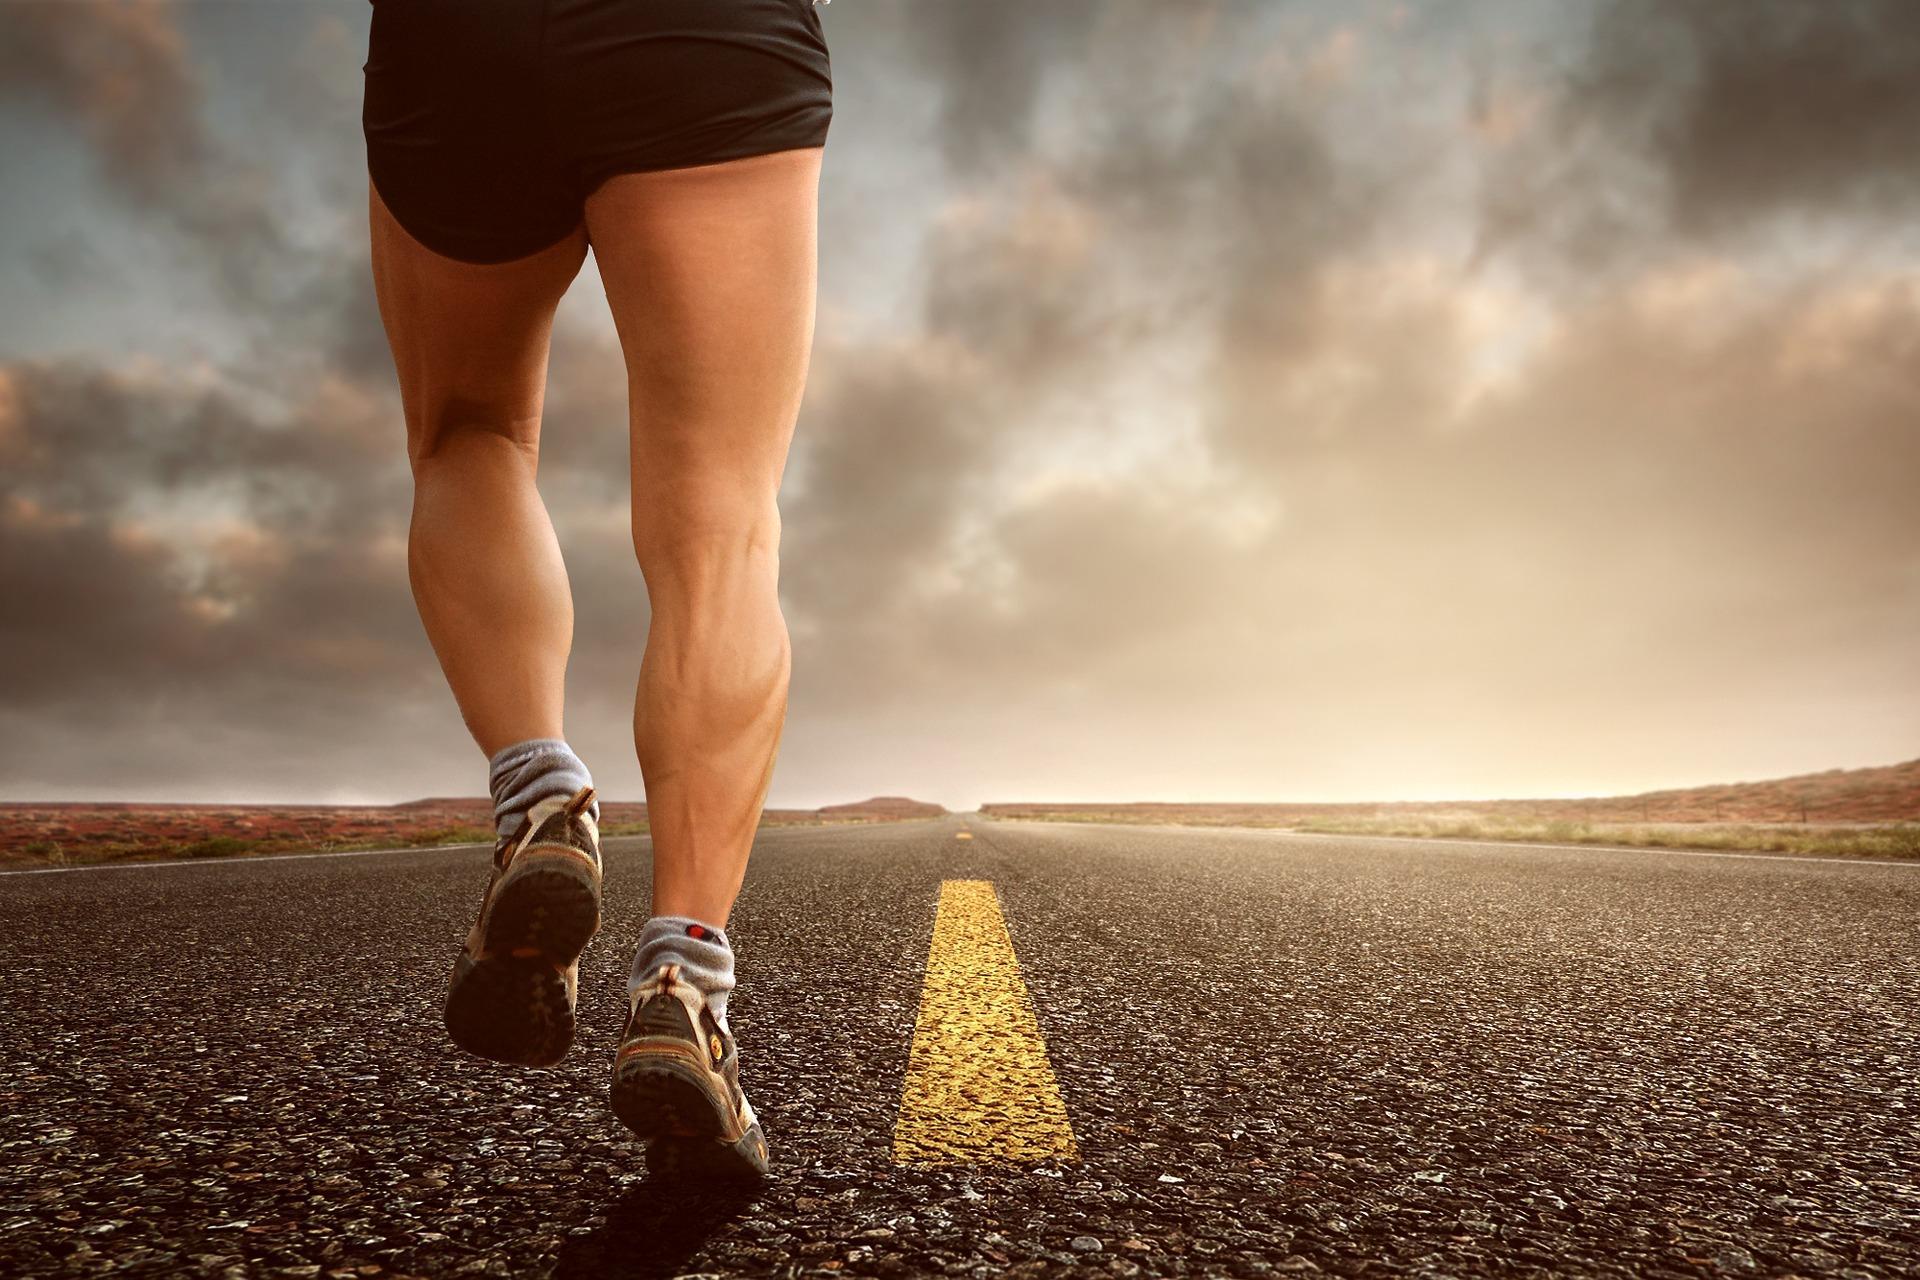 jogging 2343558 1920 - Ti, co nalezli pravdivé informace jsou záhy tvrdě zkoušeni